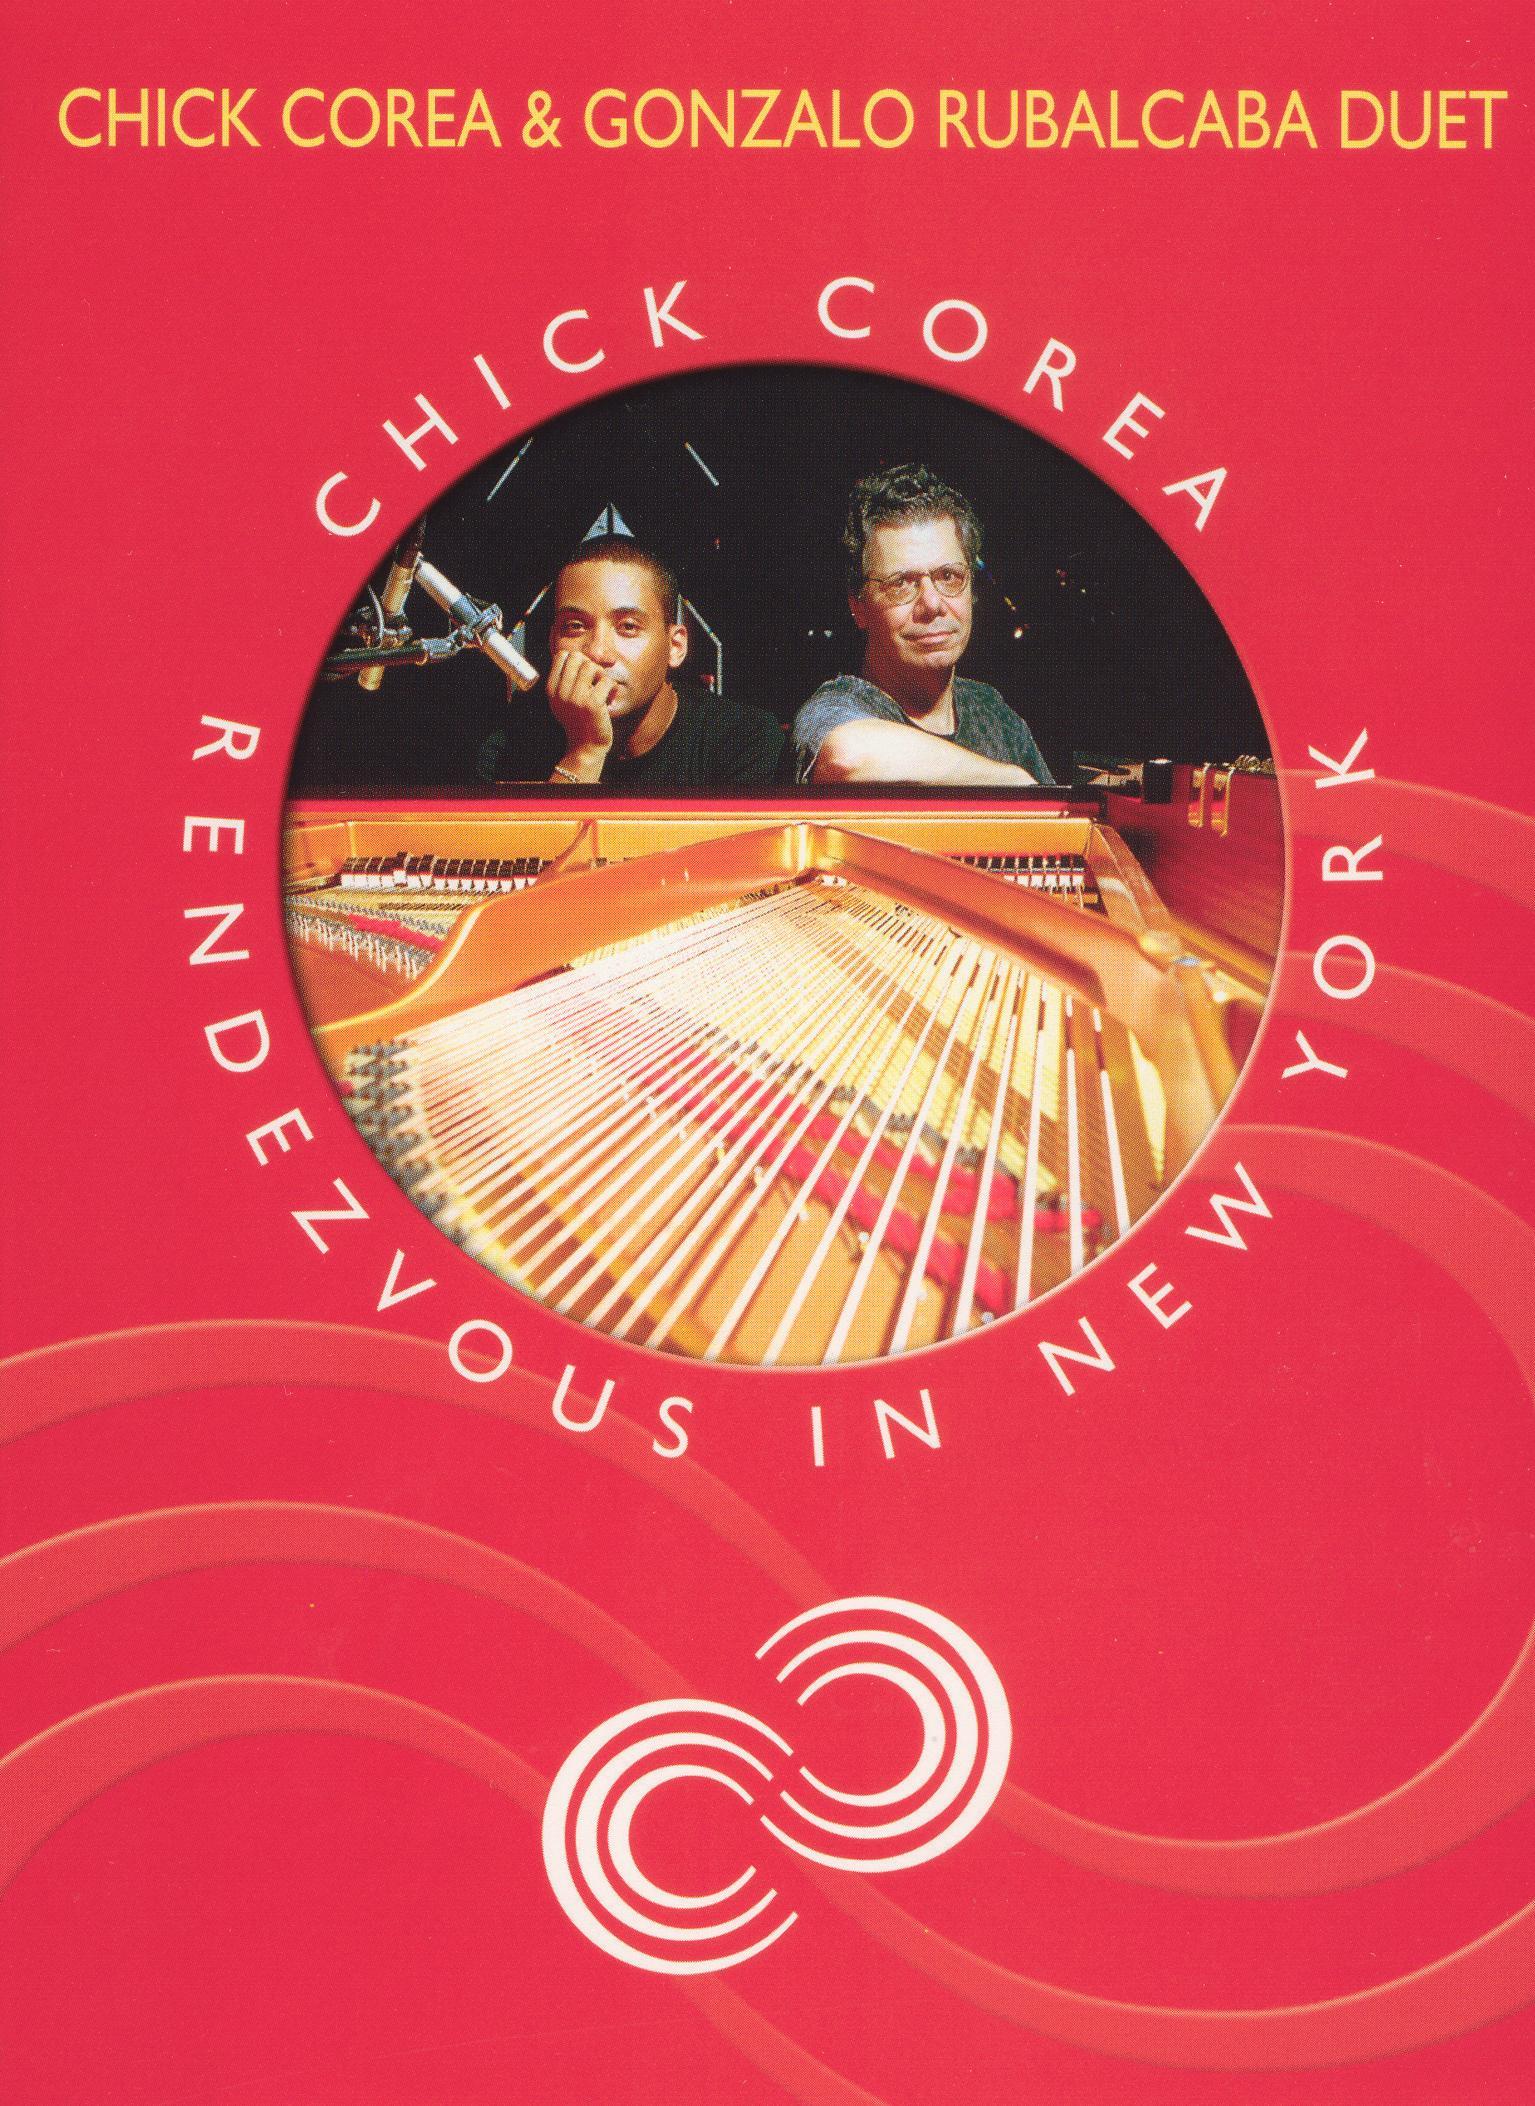 Chick Corea: Rendezvous in New York - Chick Corea & Gonzalo Rubalcaba Duet